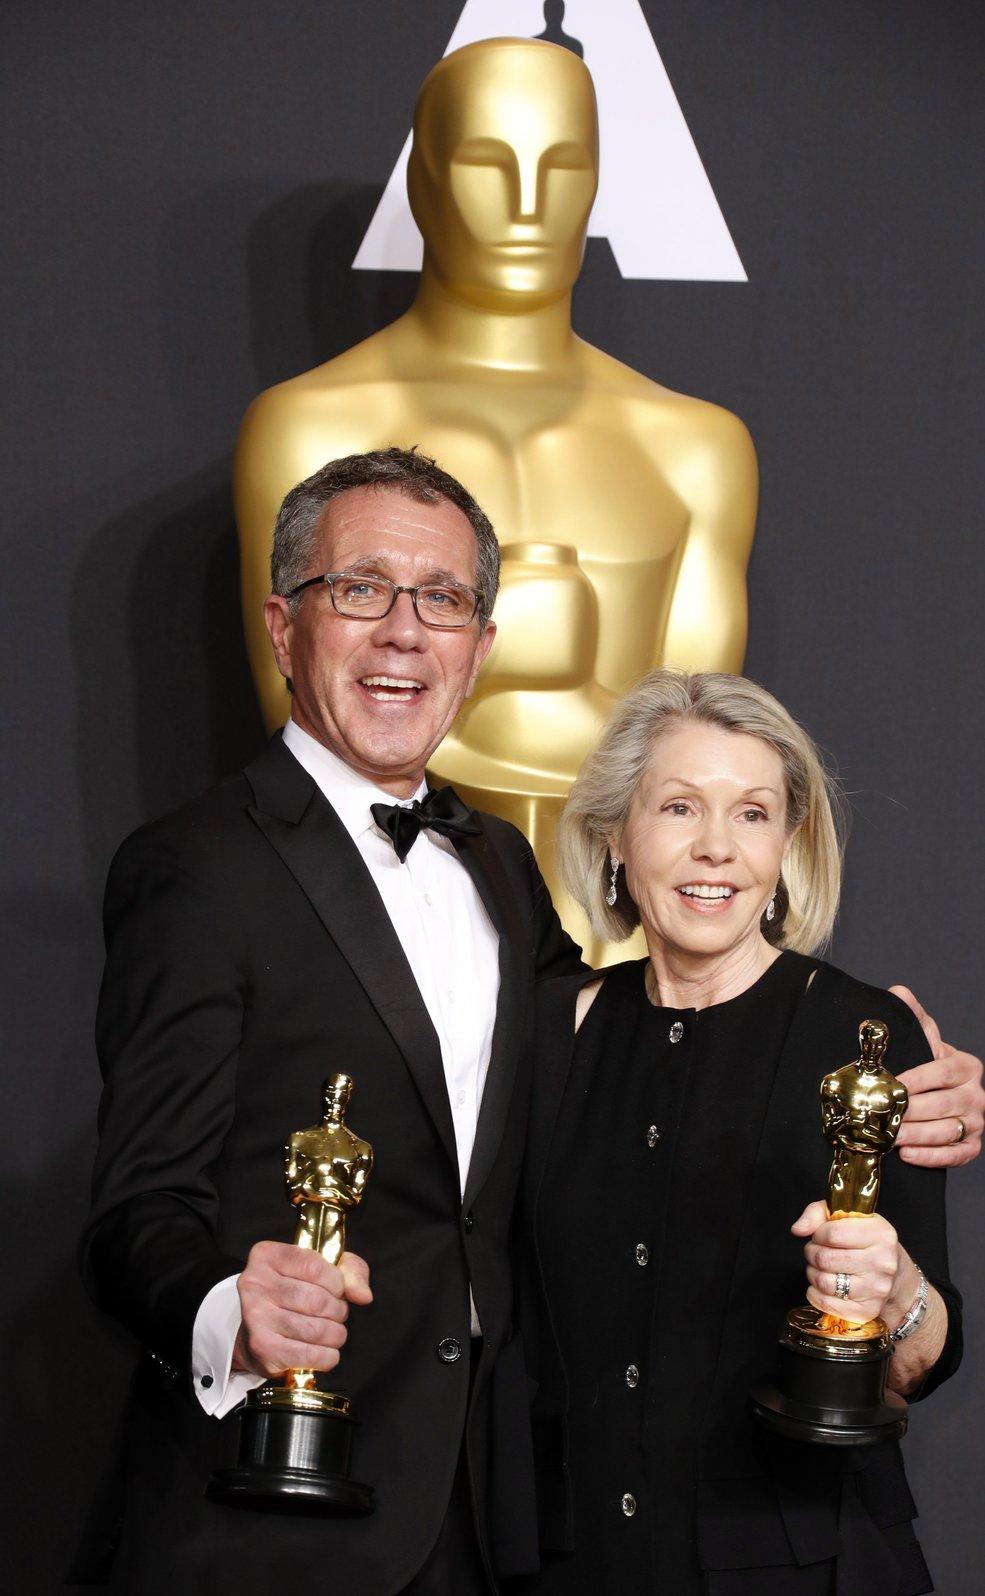 David Wasco és neje, Sandy Reynolds-Wasco a sajtószobában tartott fotózáson, miután átvették a legjobb látványtervezés díját a Kaliforniai álom című musicalért a 89. Oscar-gálán a Los Angeles-i Dolby Színházban 2017. február 26-án.  (MTI/EPA/Paul Buck)